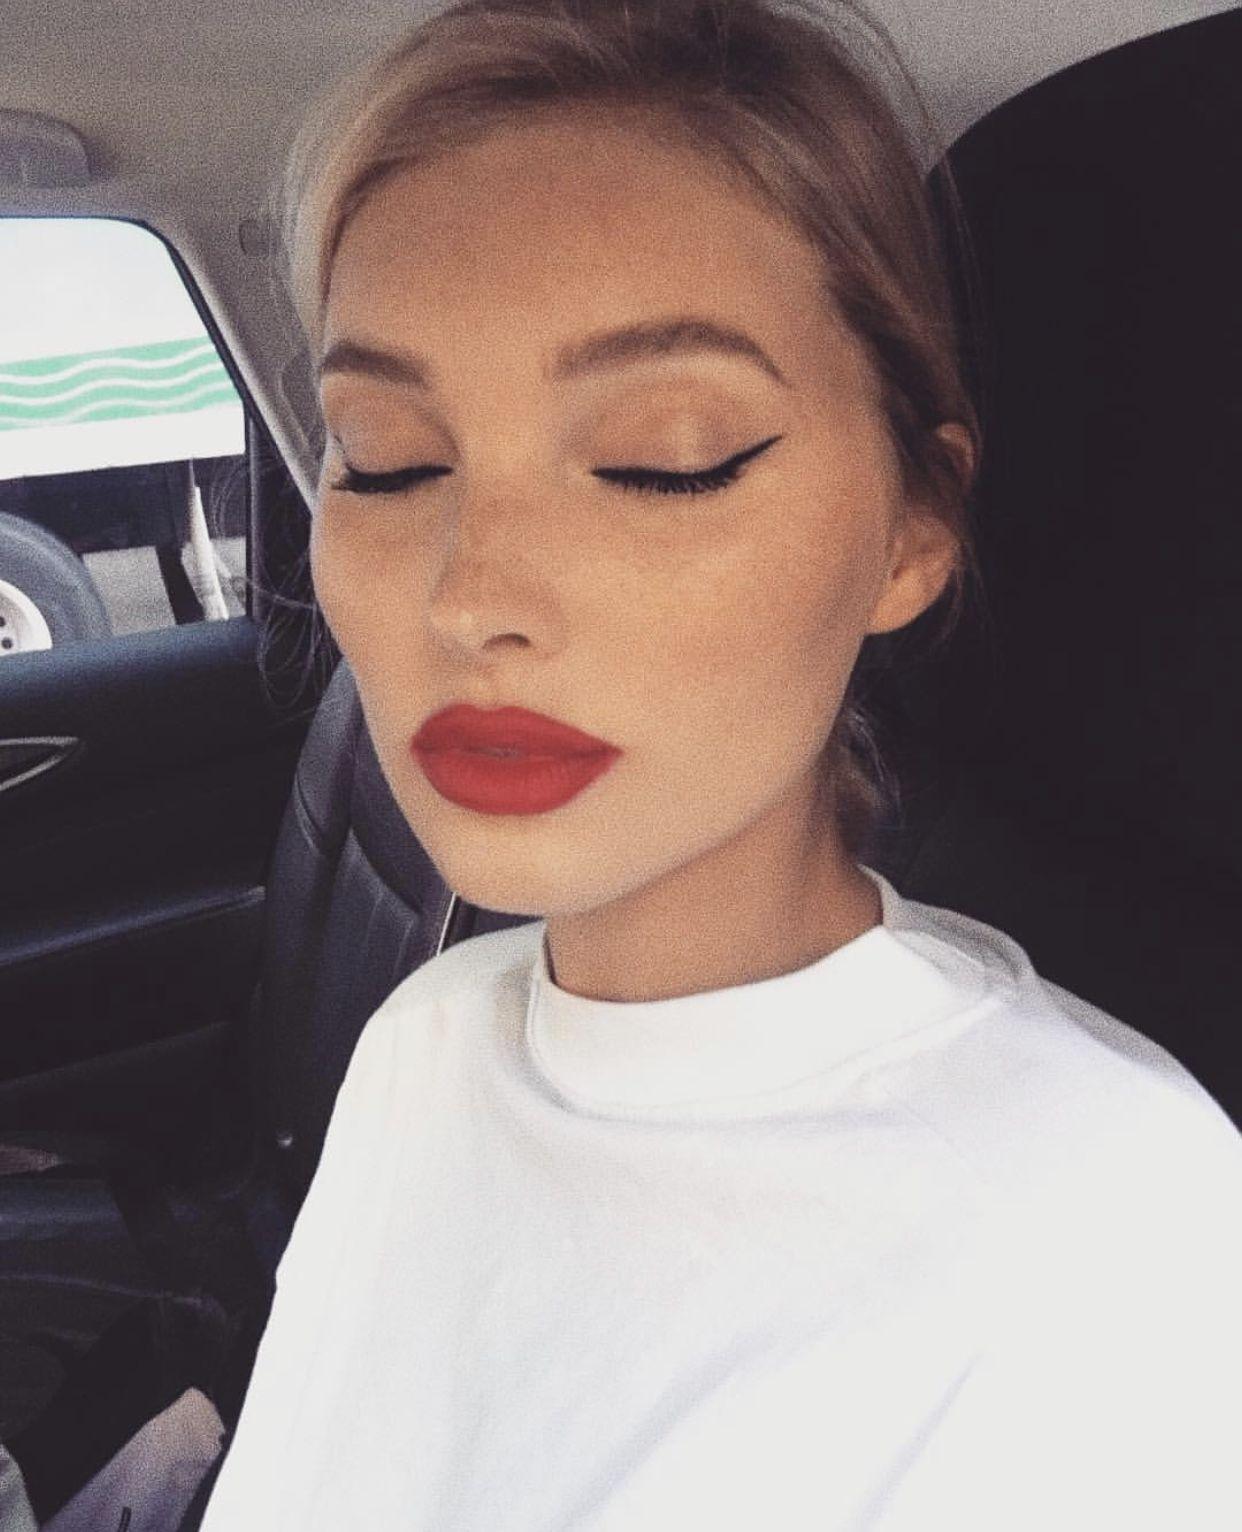 Elsa Hosk - Red lip & Wing #dollcare